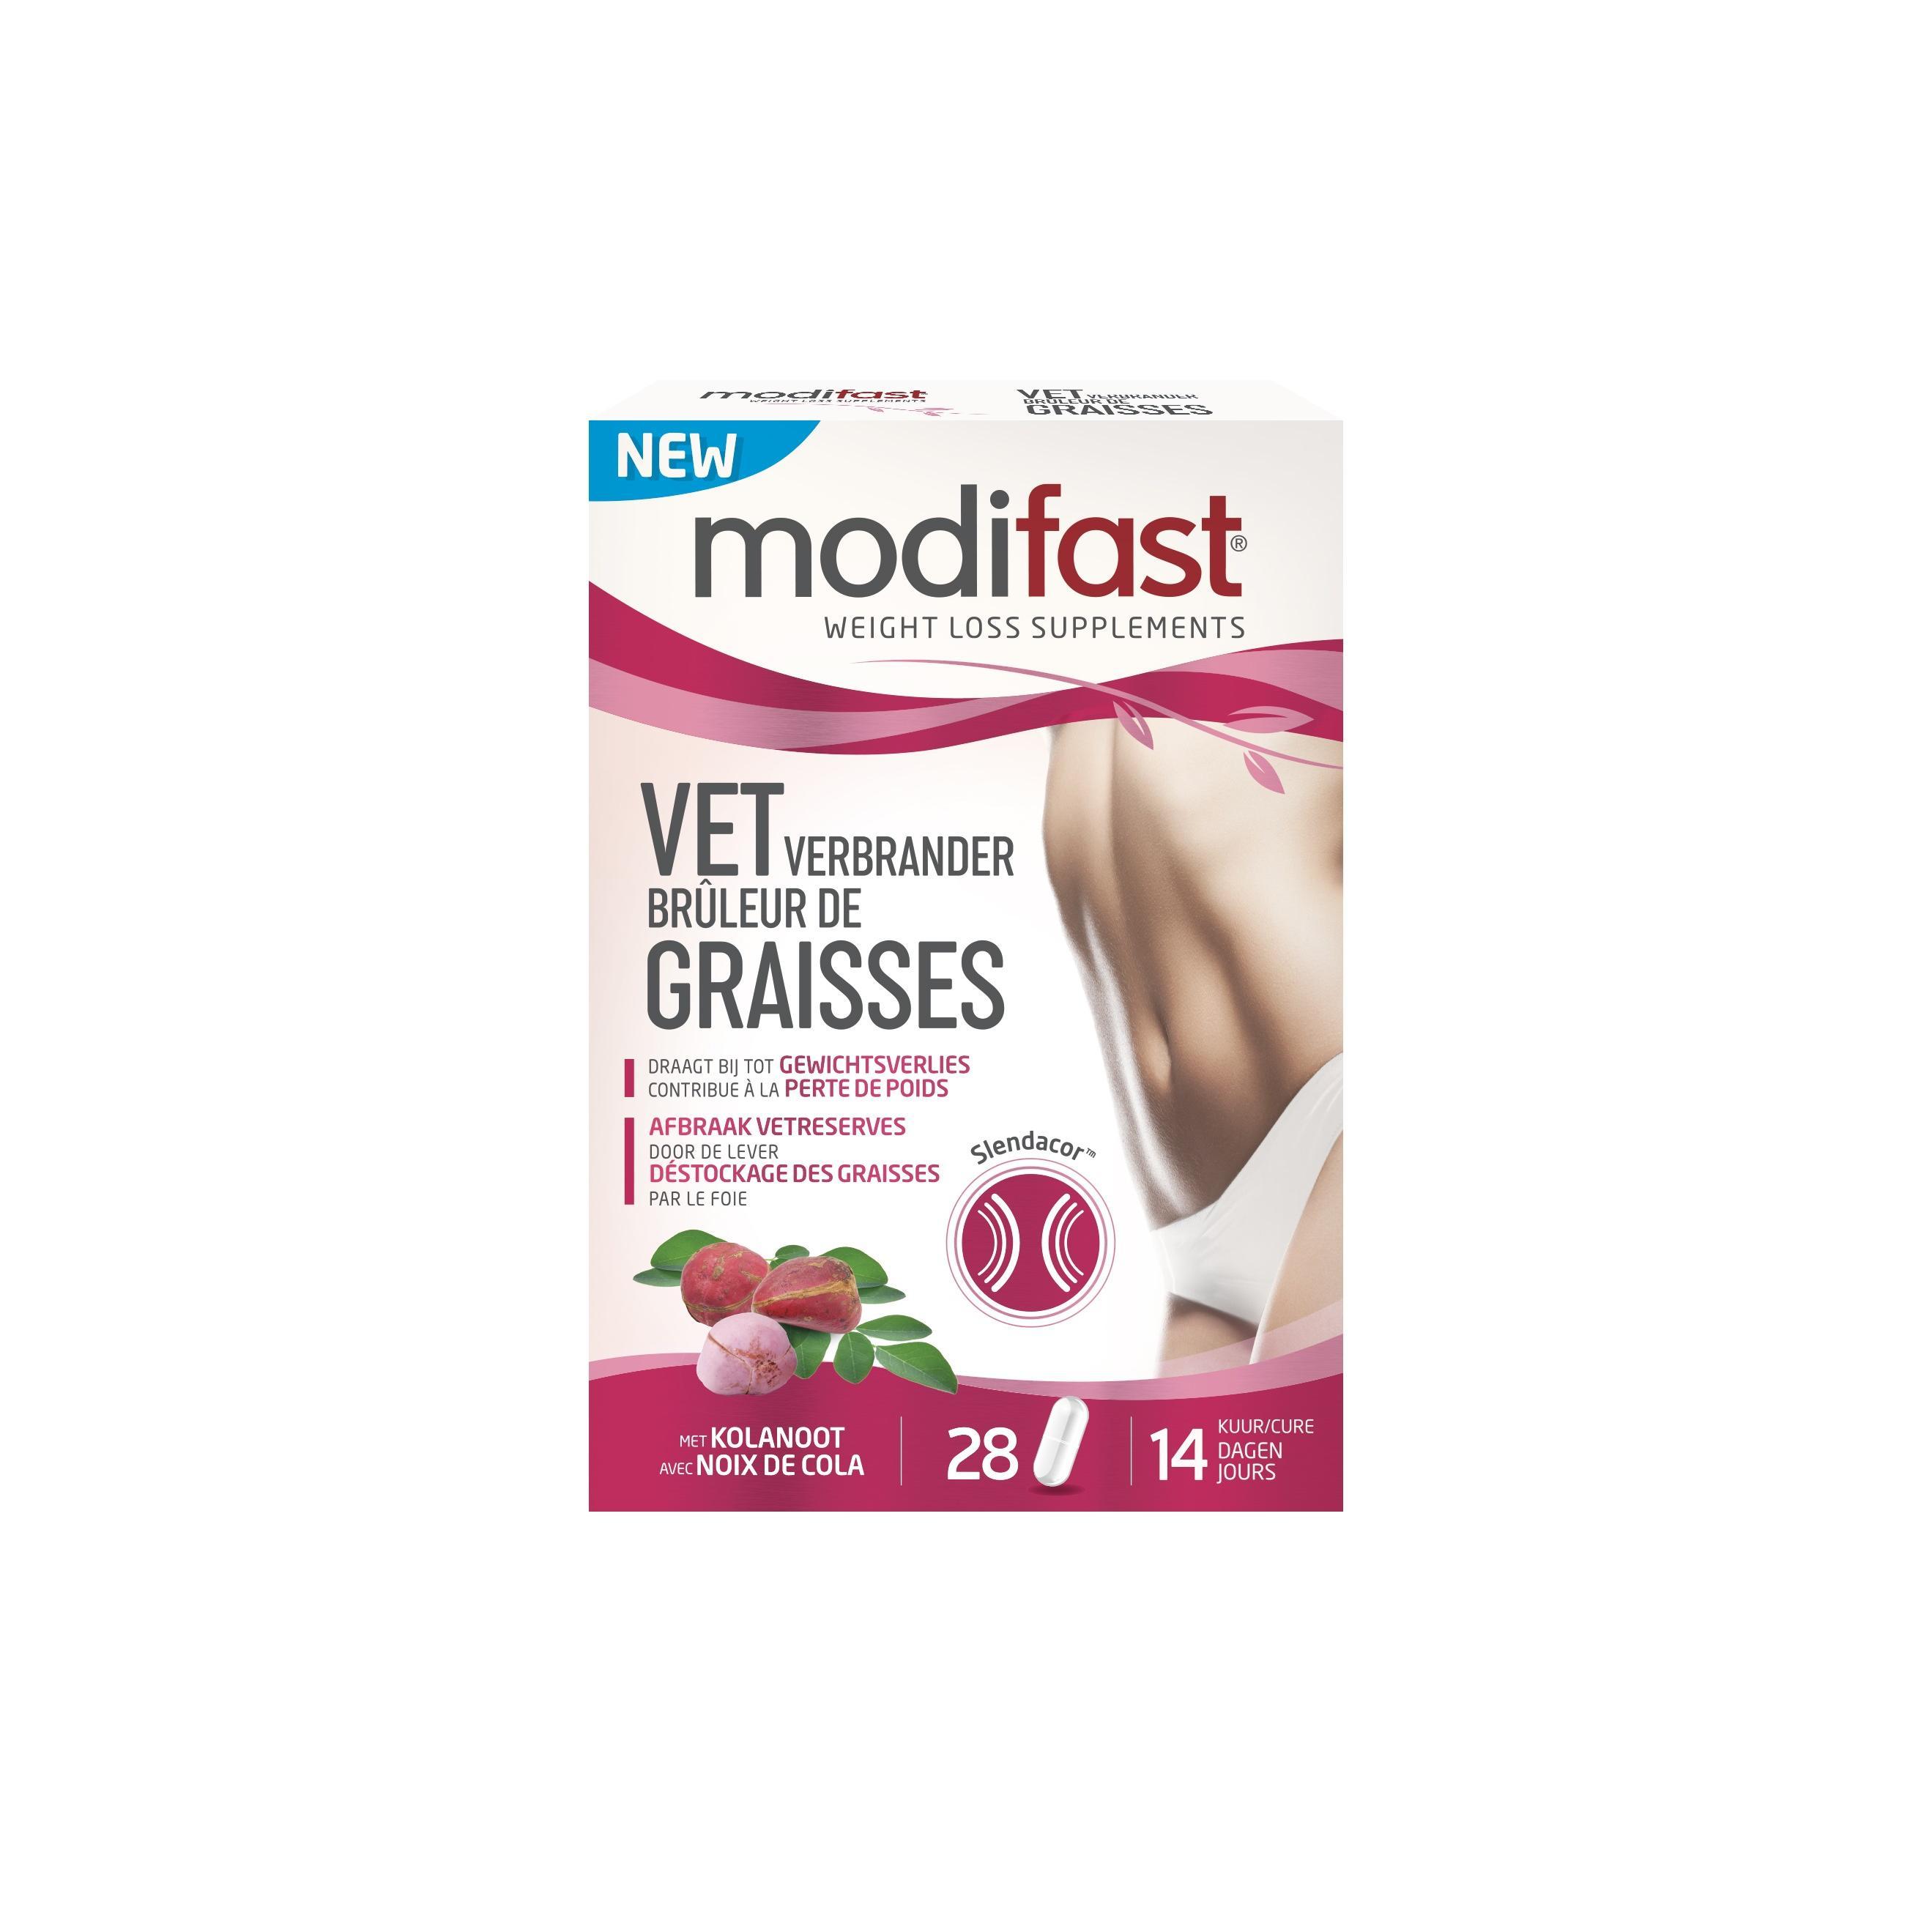 Image of Modifast Brûleur de graisse